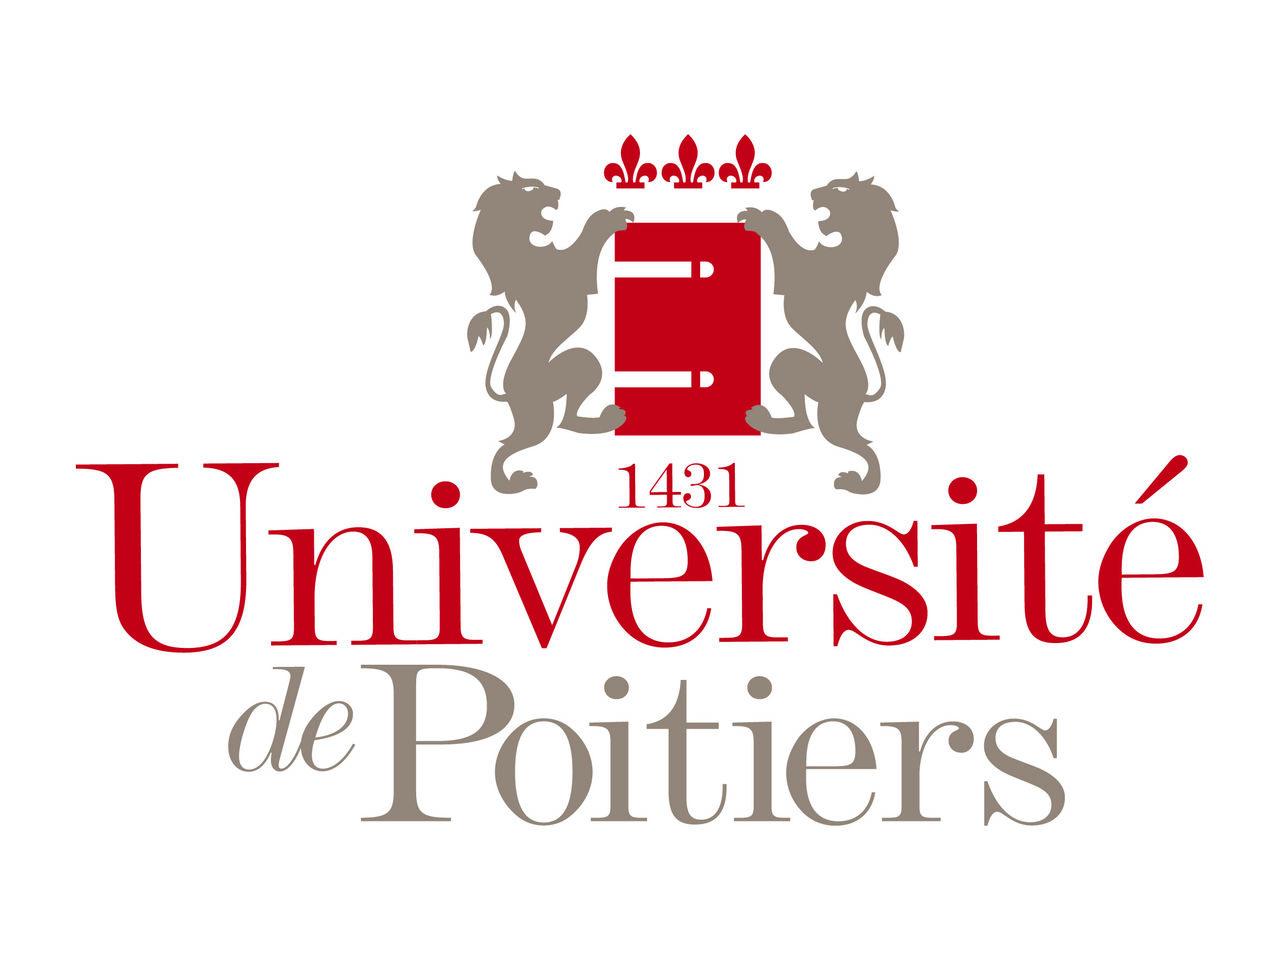 프랑스 프와티에 대학교 - 페스티벌 아콥스